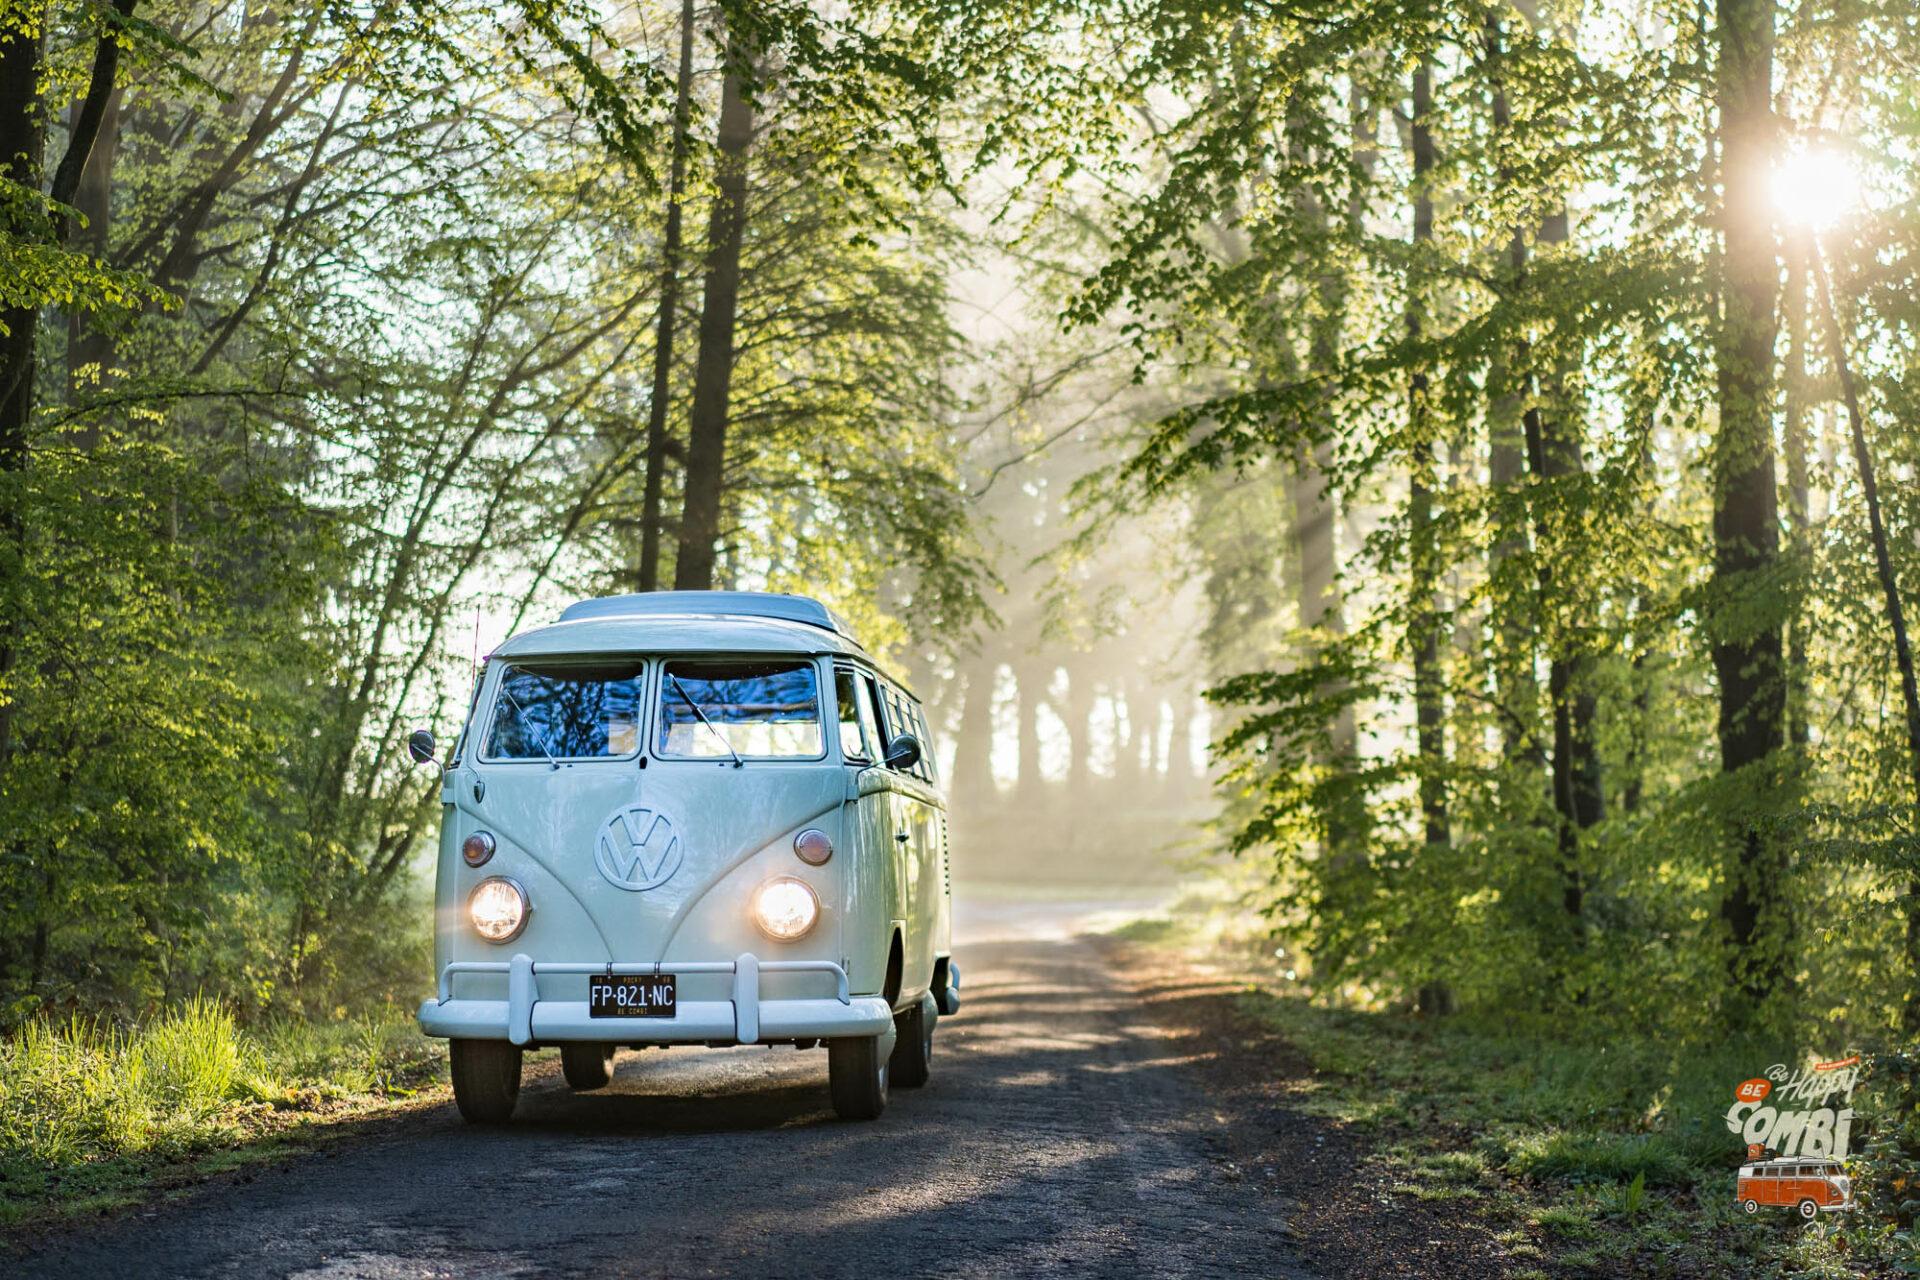 Sortie matinale avec Rocky - VW Camper 1966 - BeCombi